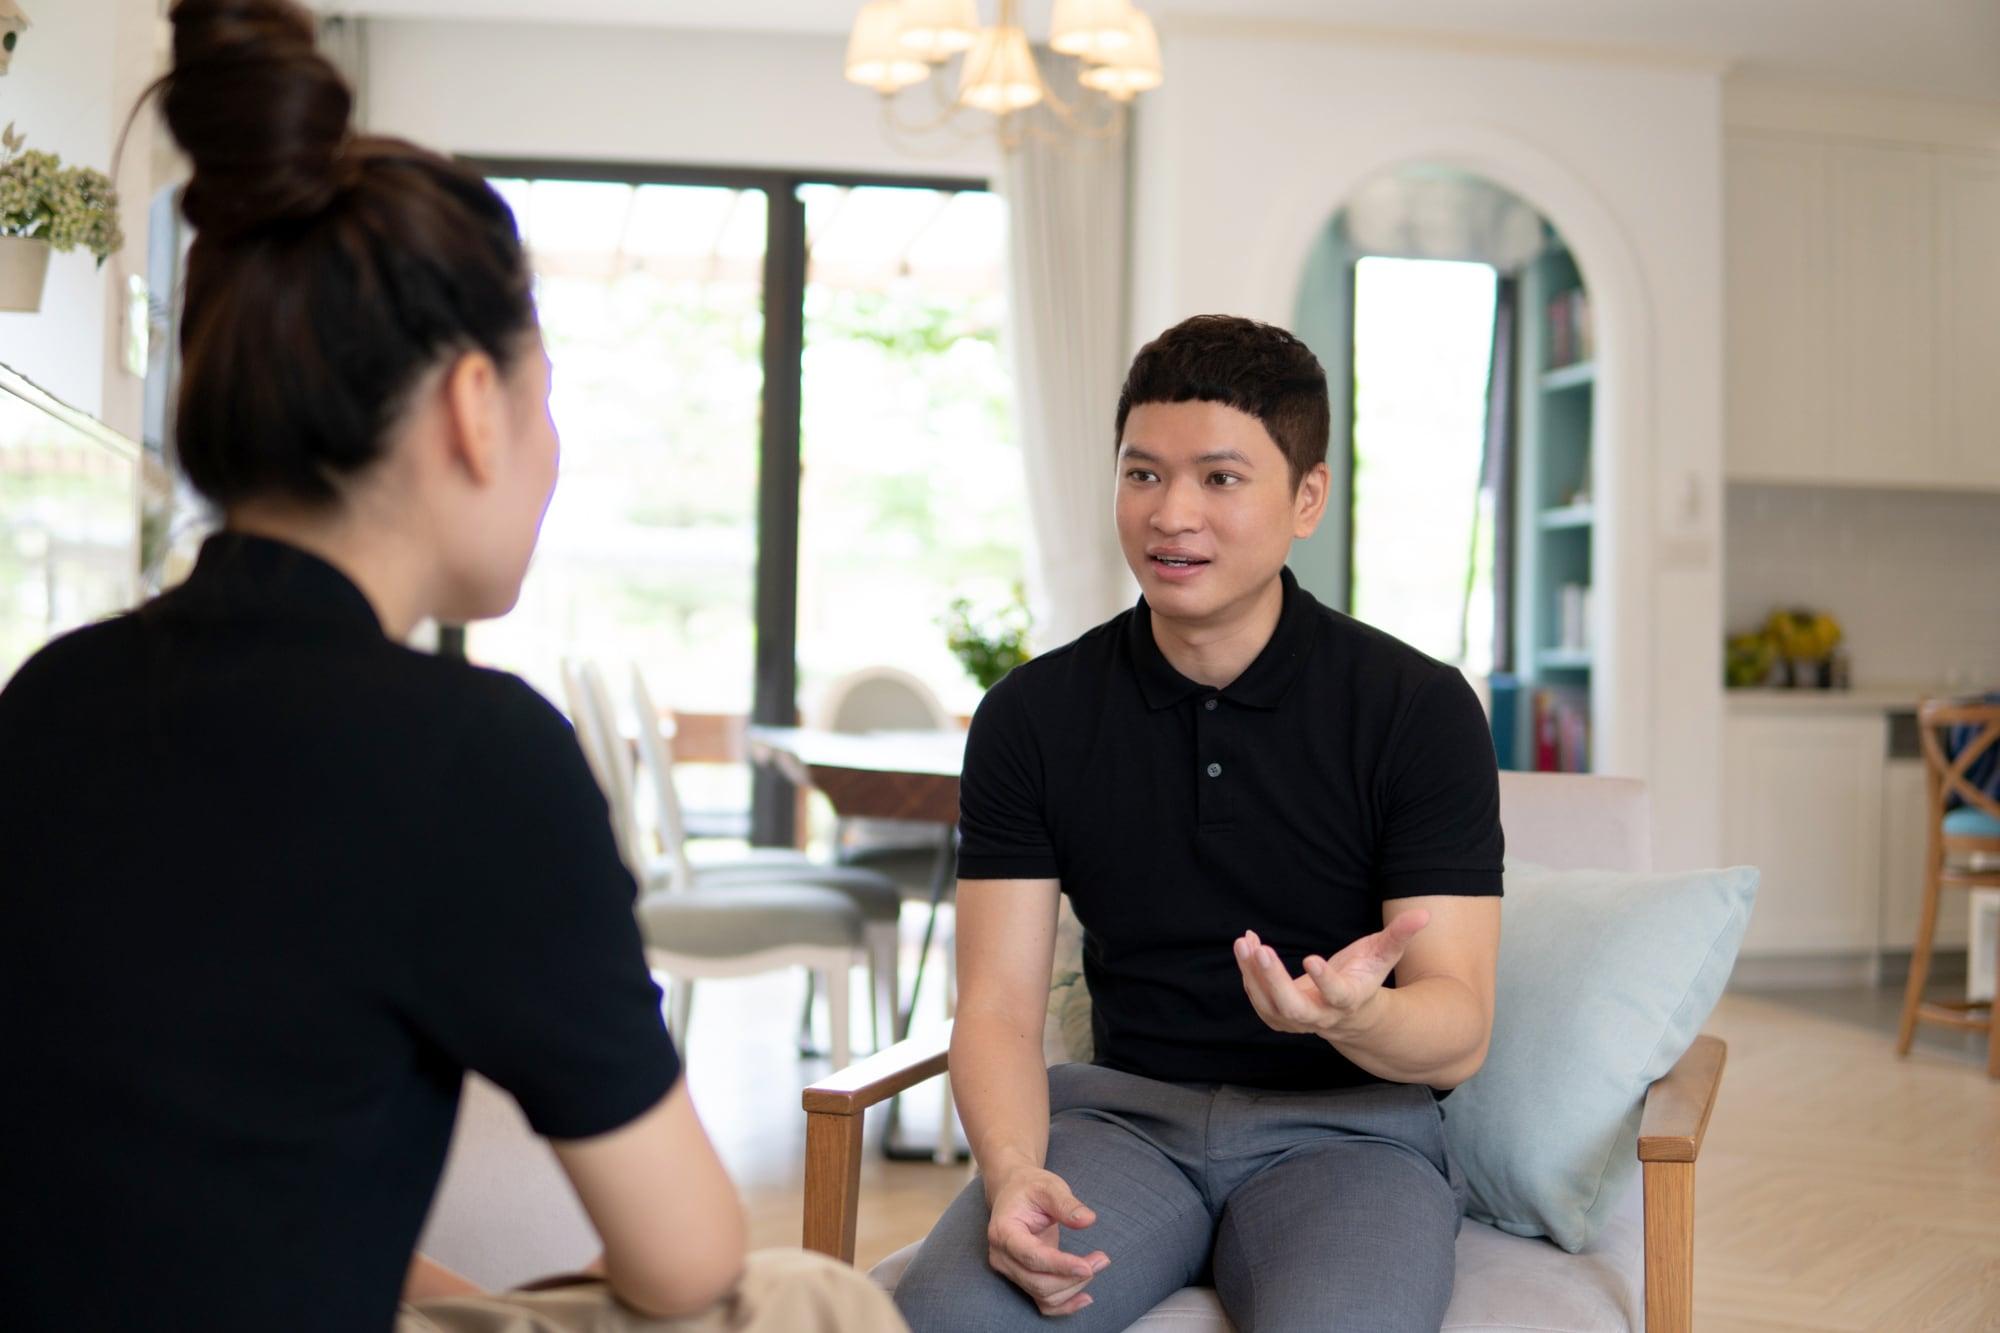 Ask A Senior: Về tư duy sáng tạo & Chất liệu mới trong kiến trúc — nội thất cùng KTS Nguyễn Hữu Vinh